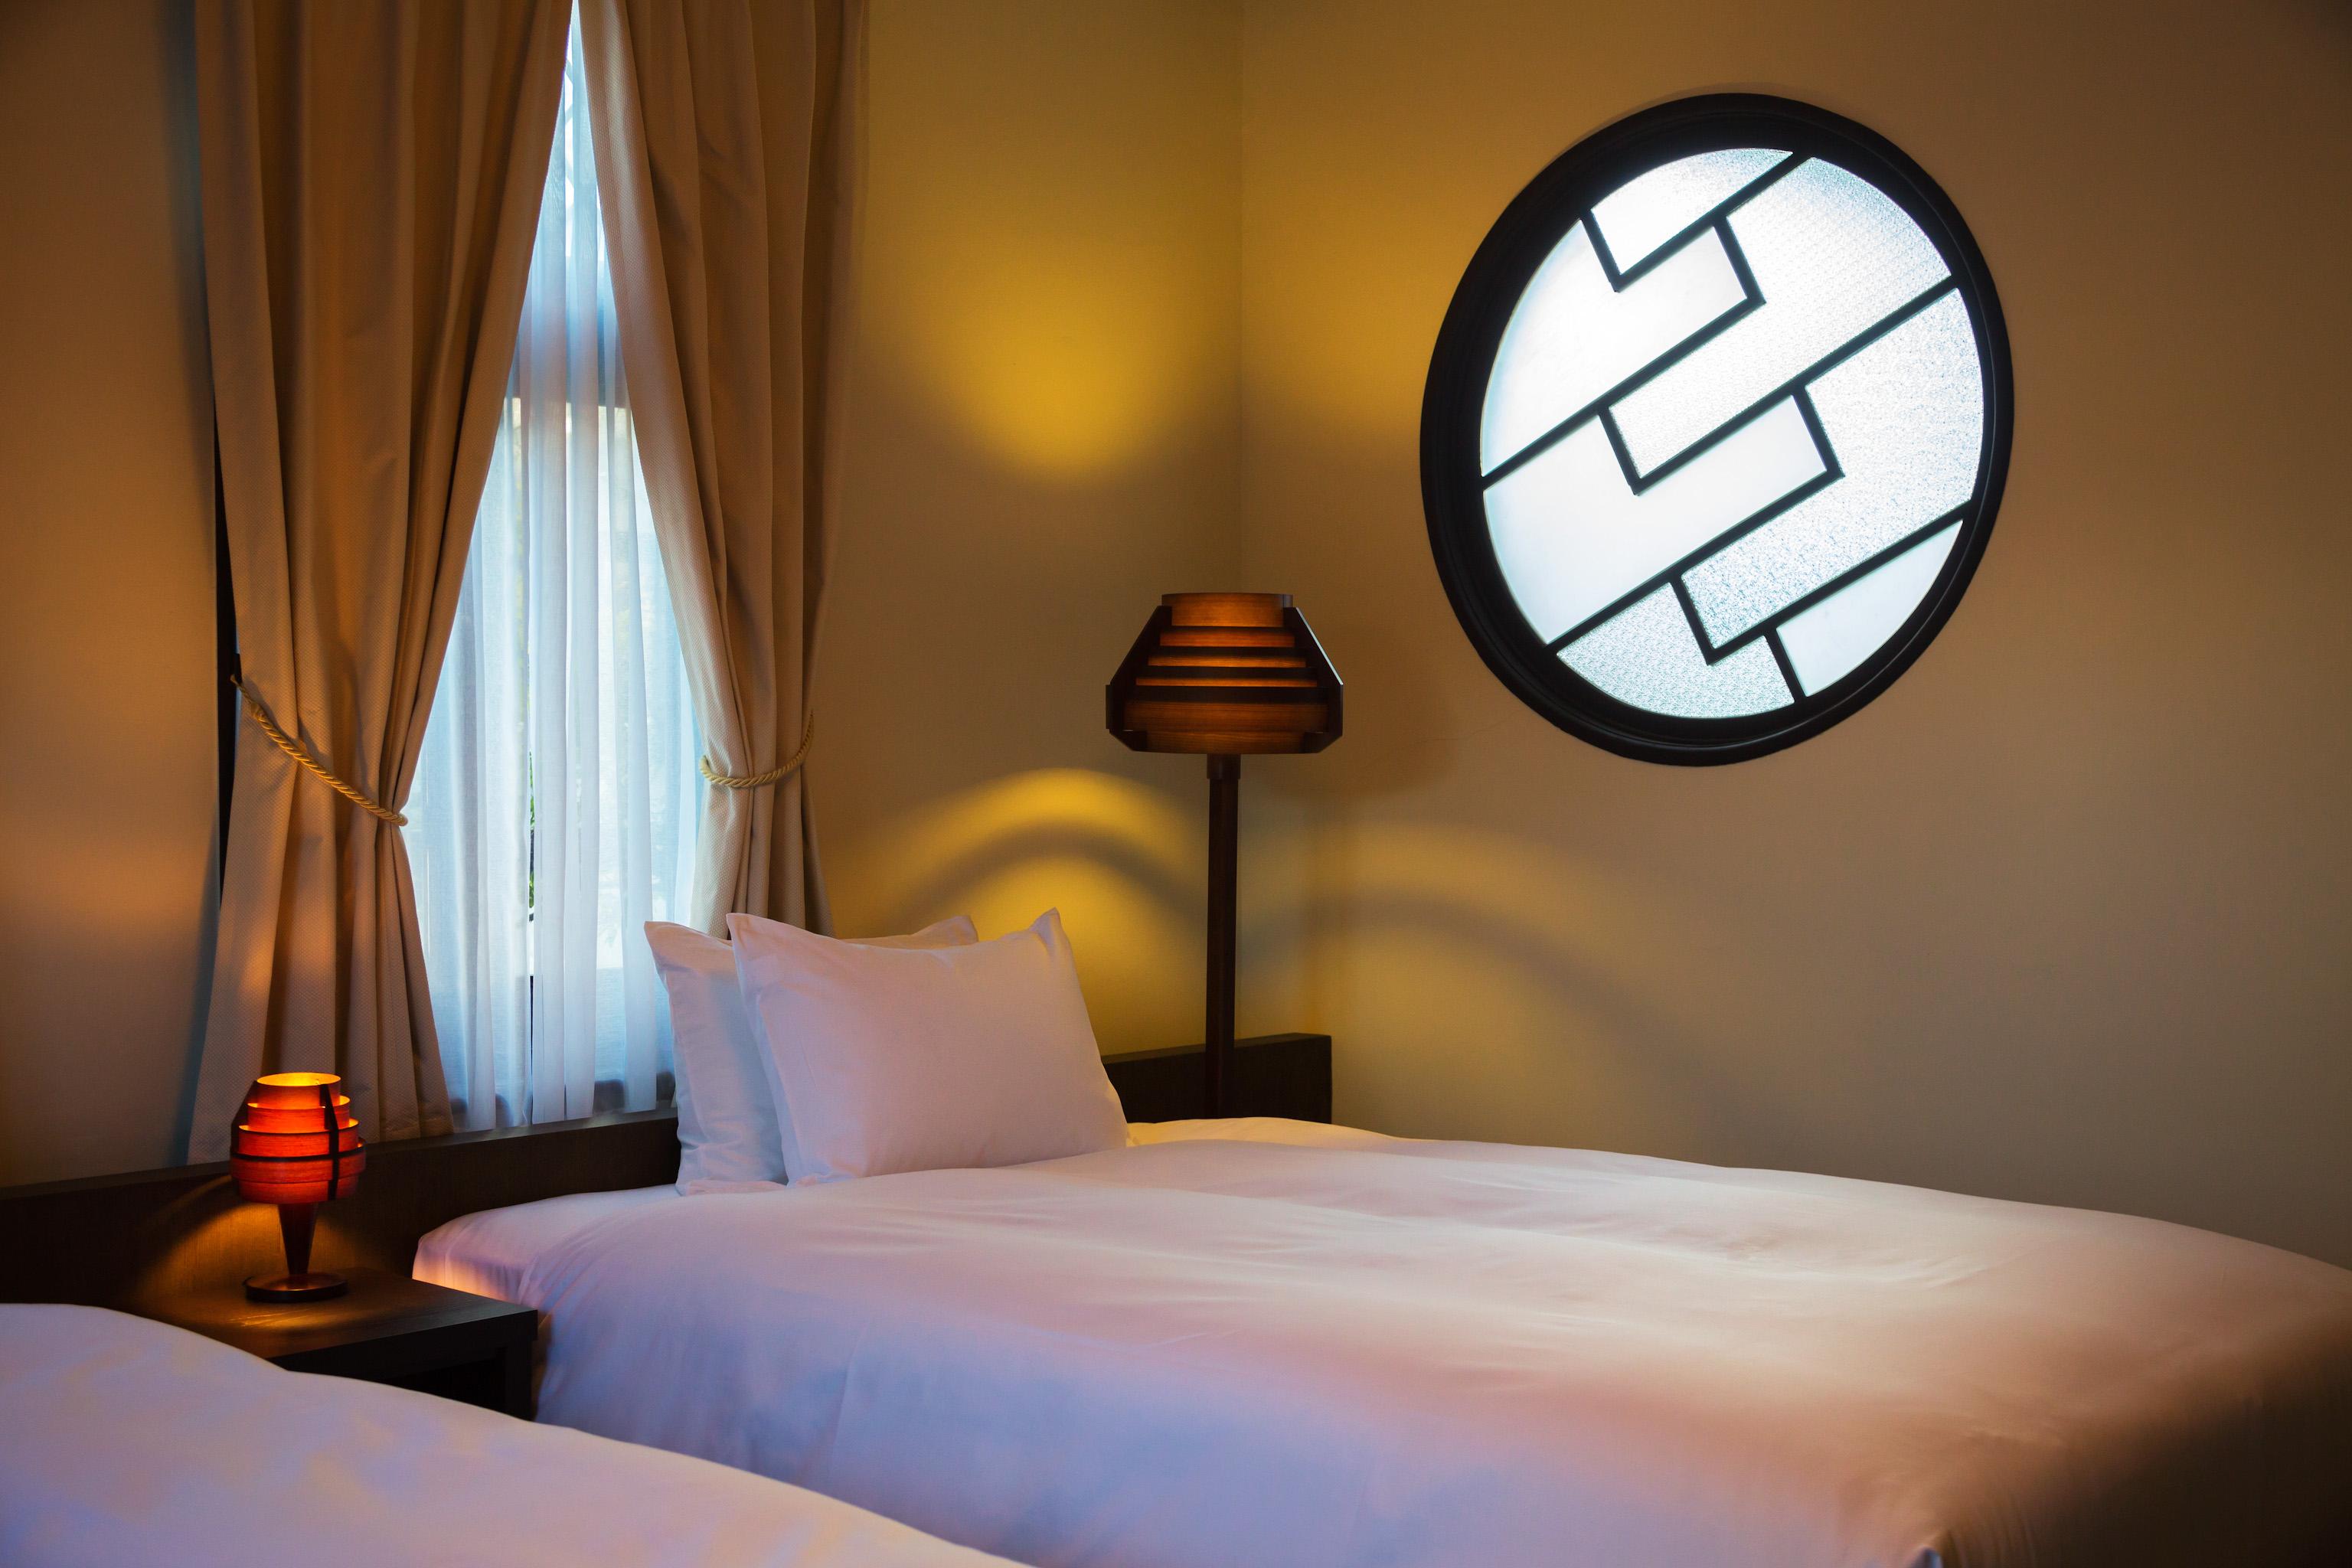 丸窓が印象的な島居邸洋館「望」のベッドルーム。